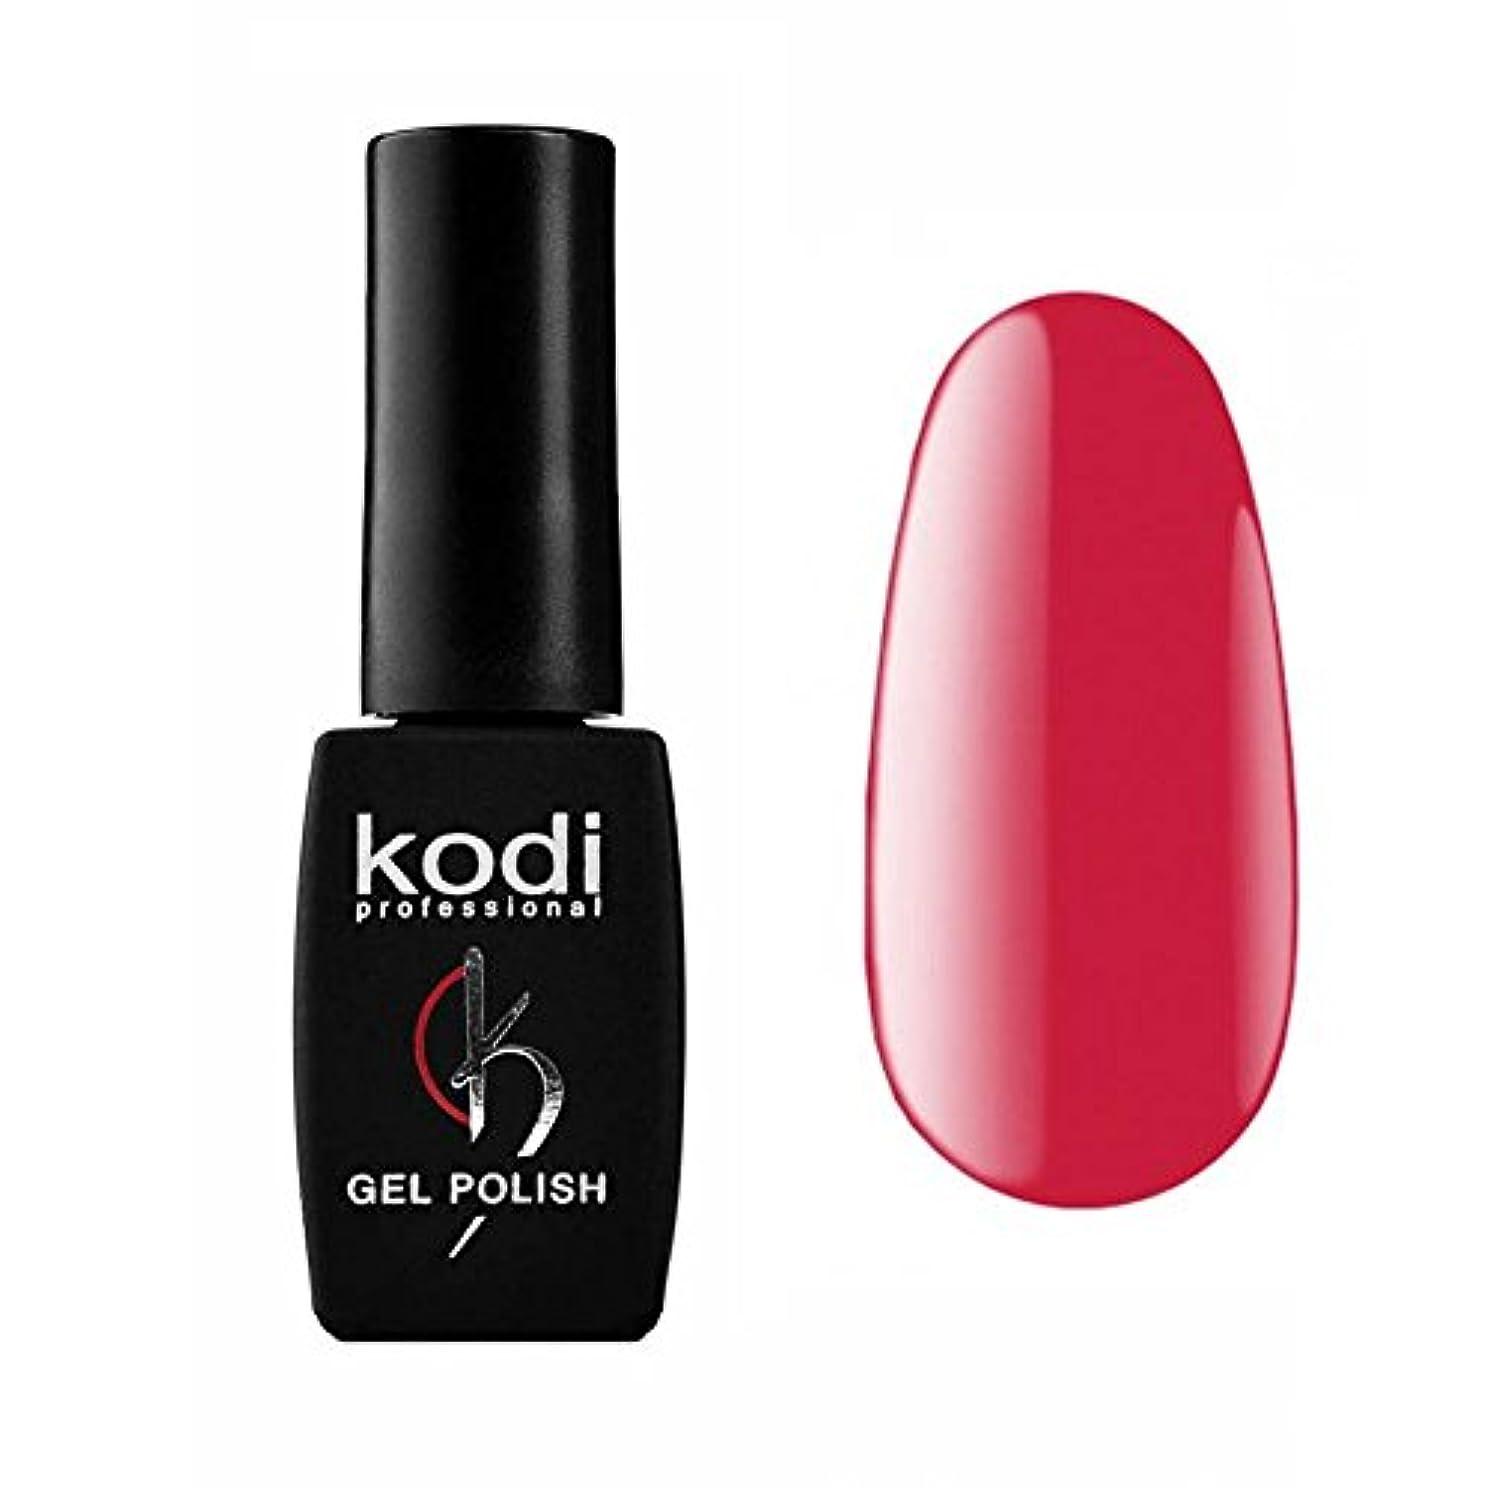 戦い飢えた勝者Kodi Professional New Collection P Pink #120 Color Gel Nail Polish 12ml 0.42 Fl Oz LED UV Genuine Soak Off